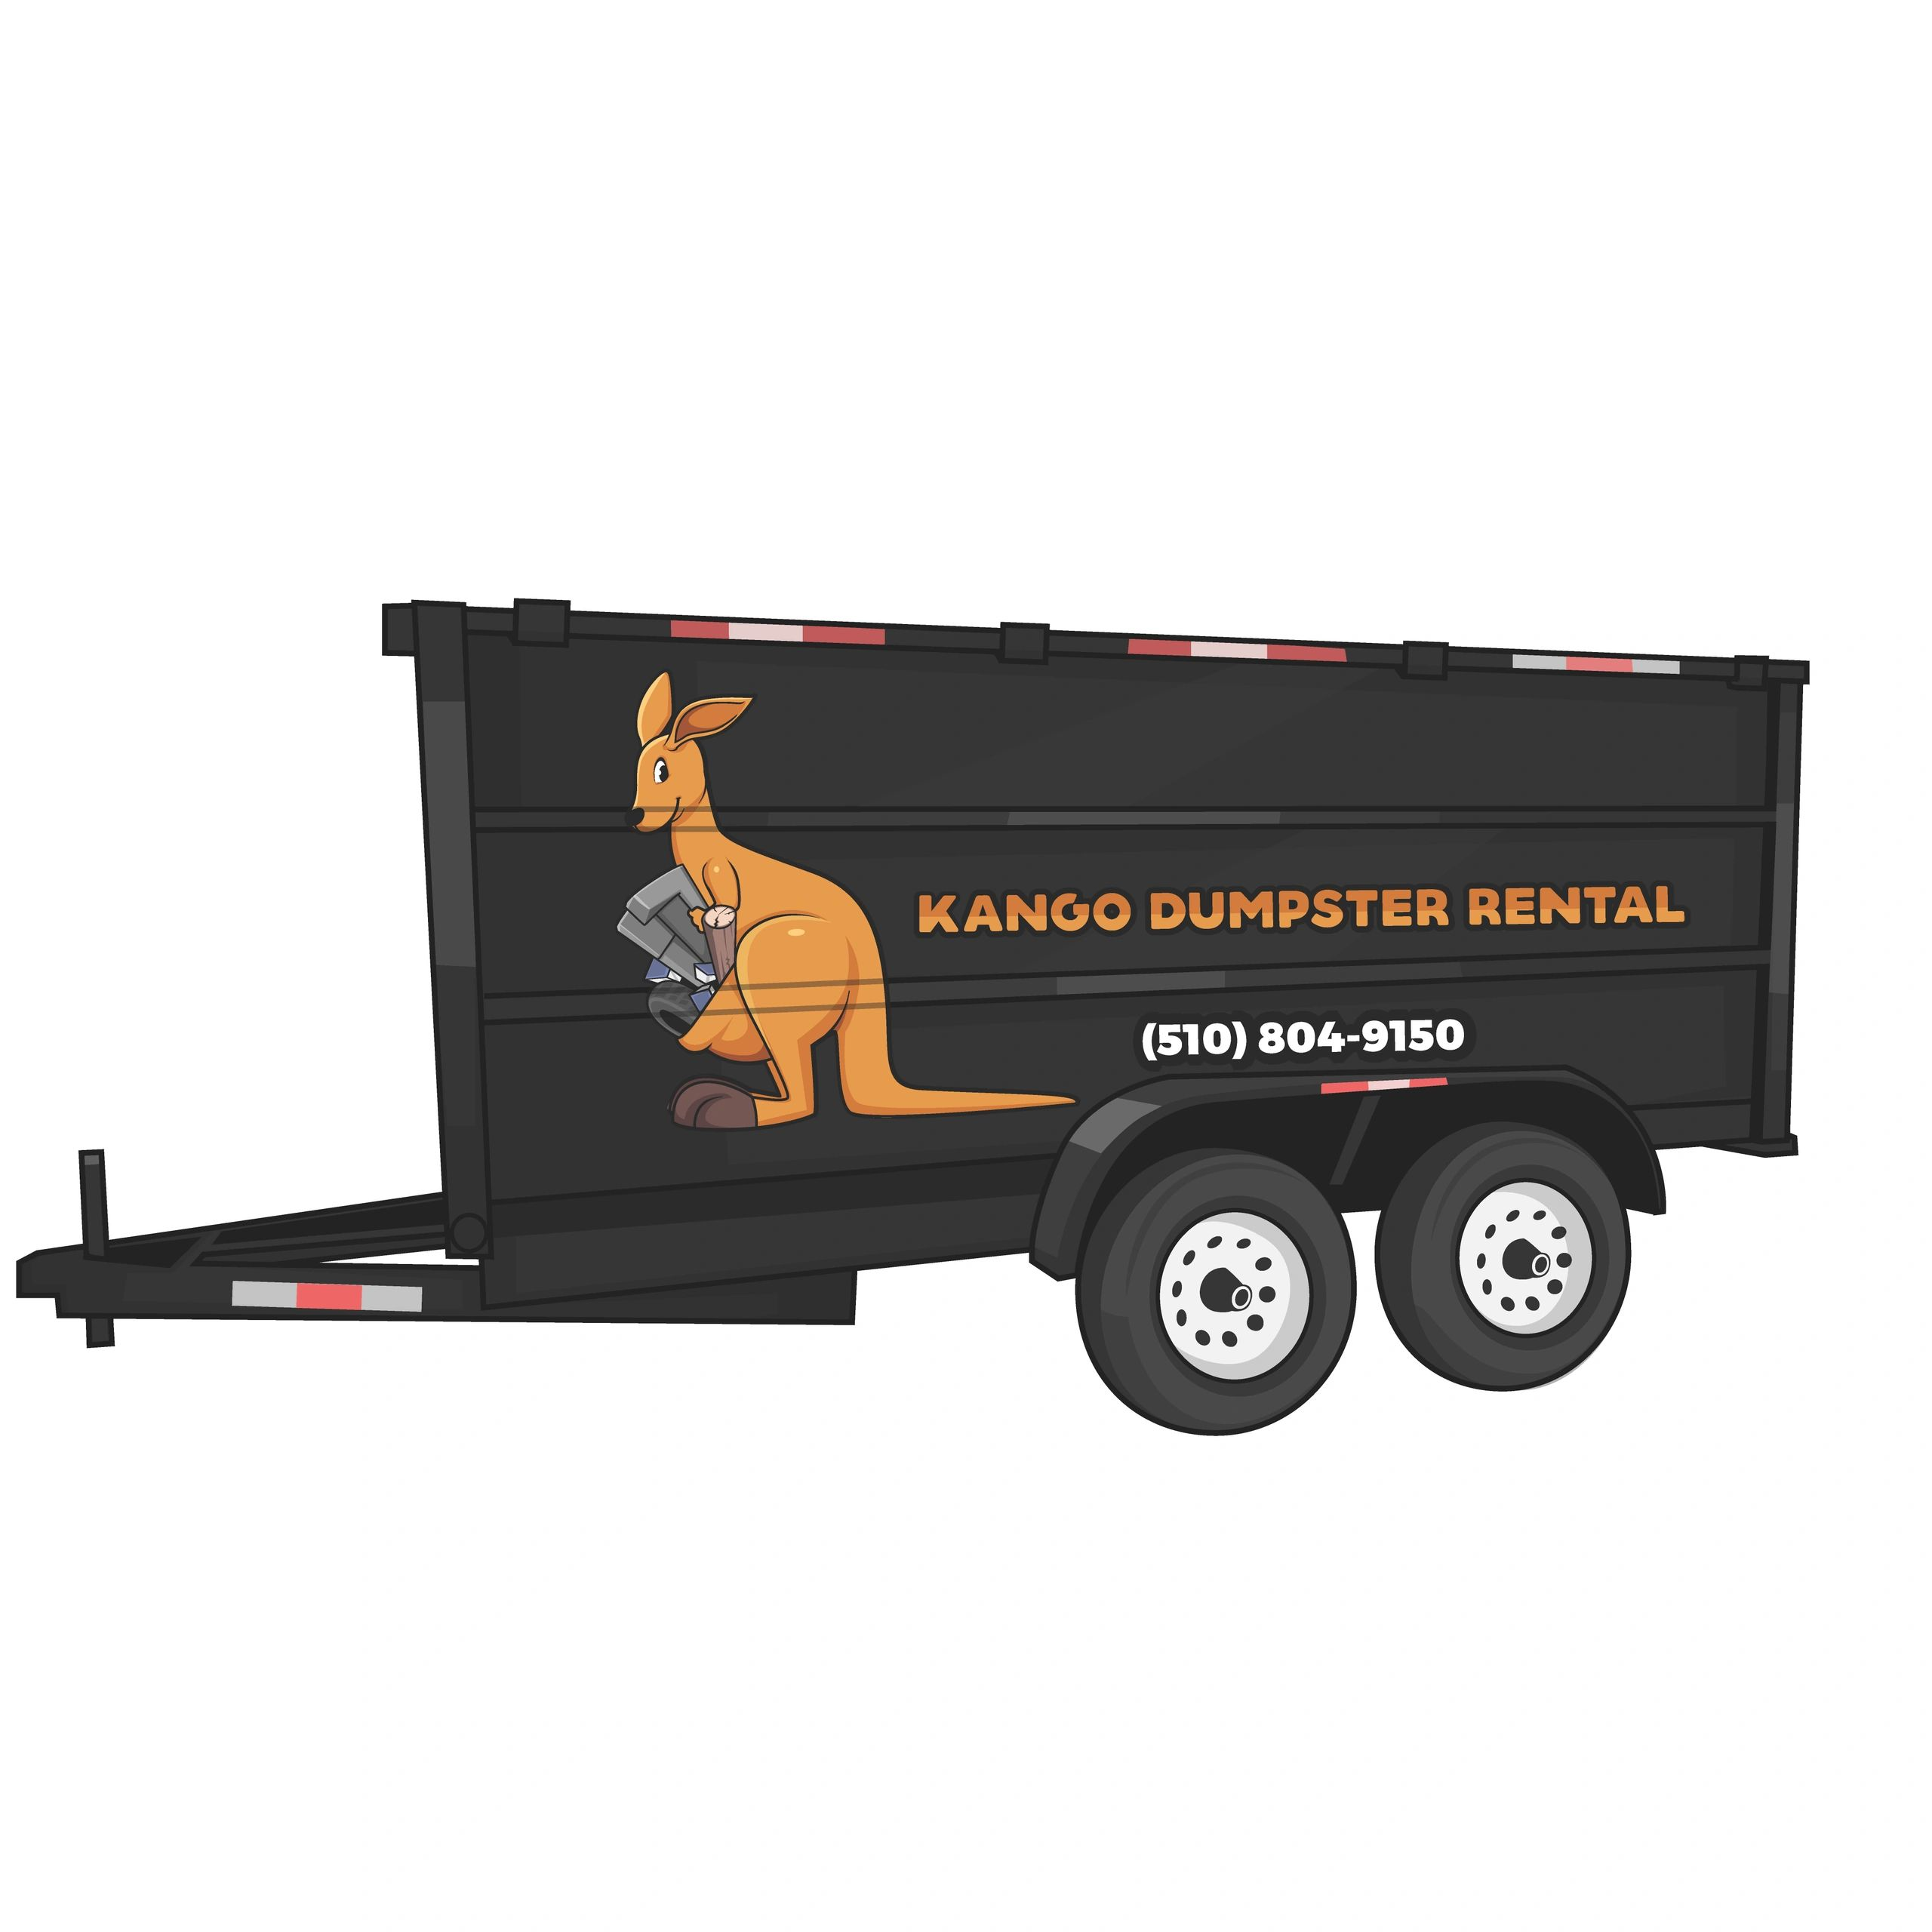 KanGo Dumpster Rental - Dumpster Rental, Junk Removal